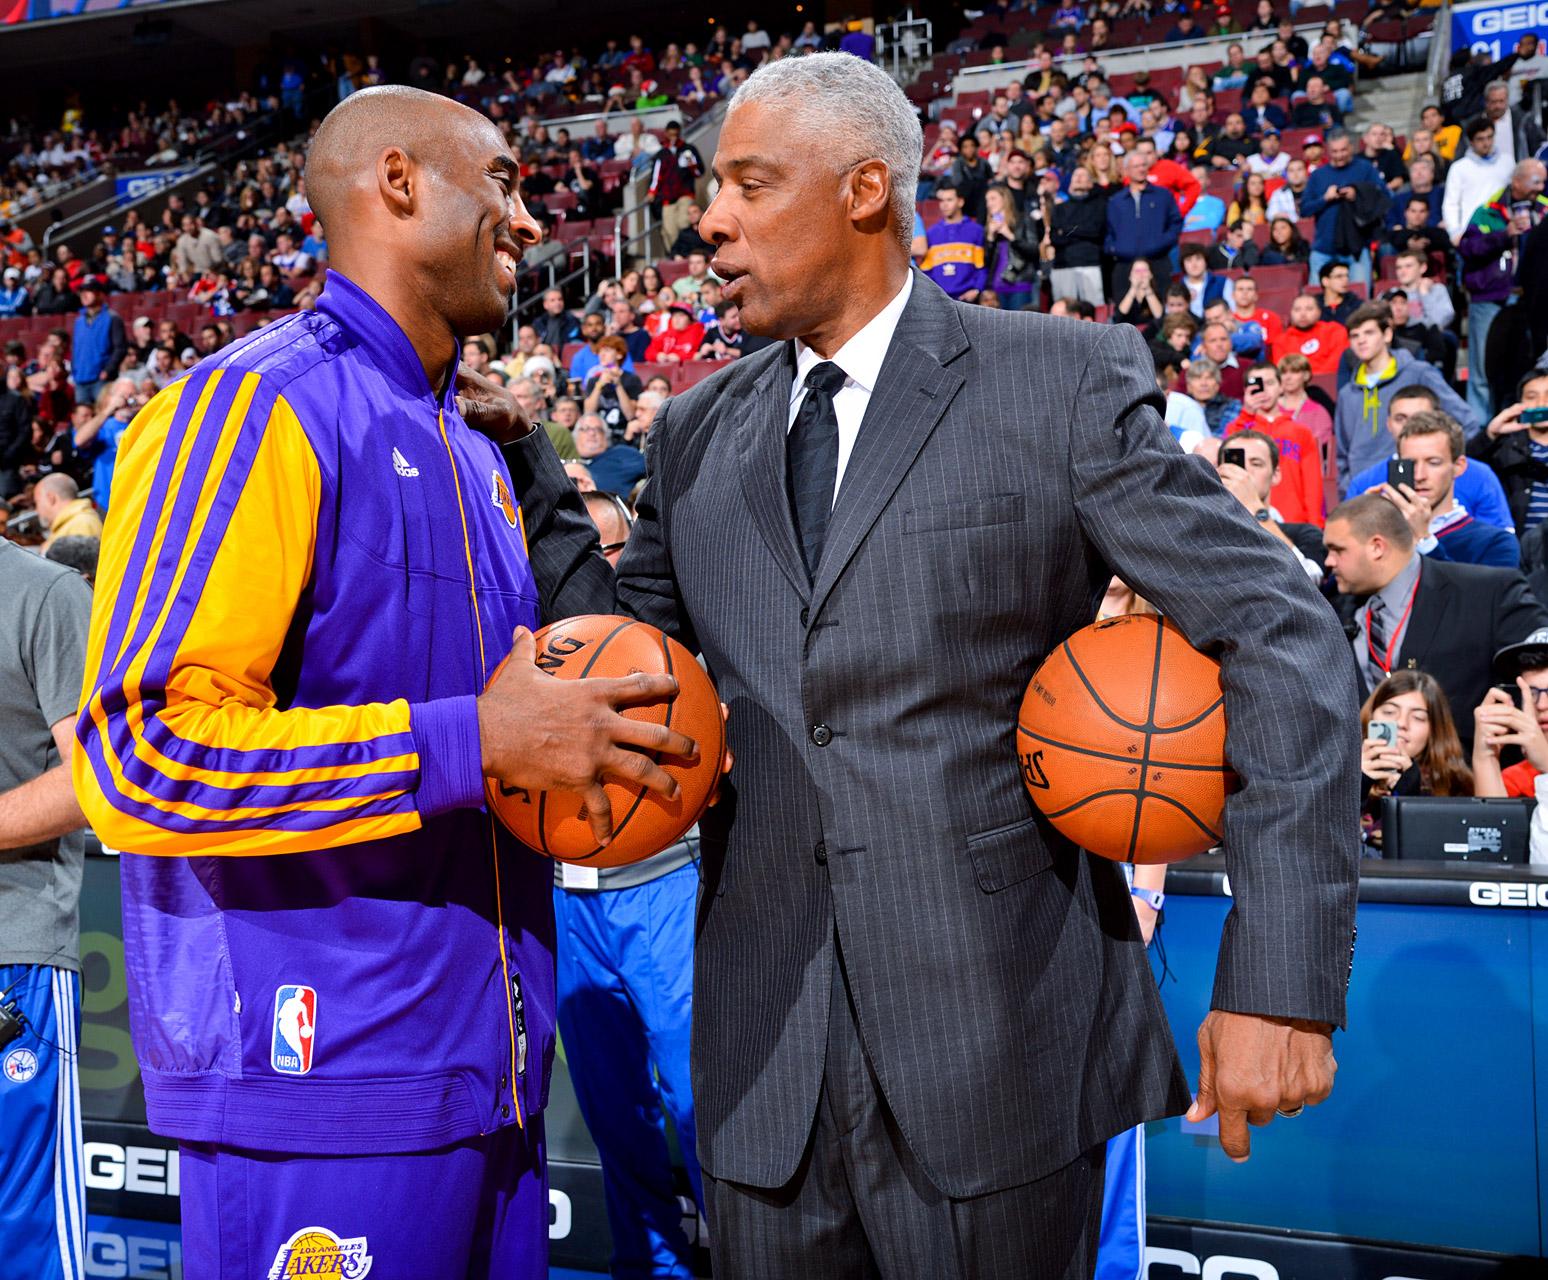 Kobe Bryant and Julius Erving